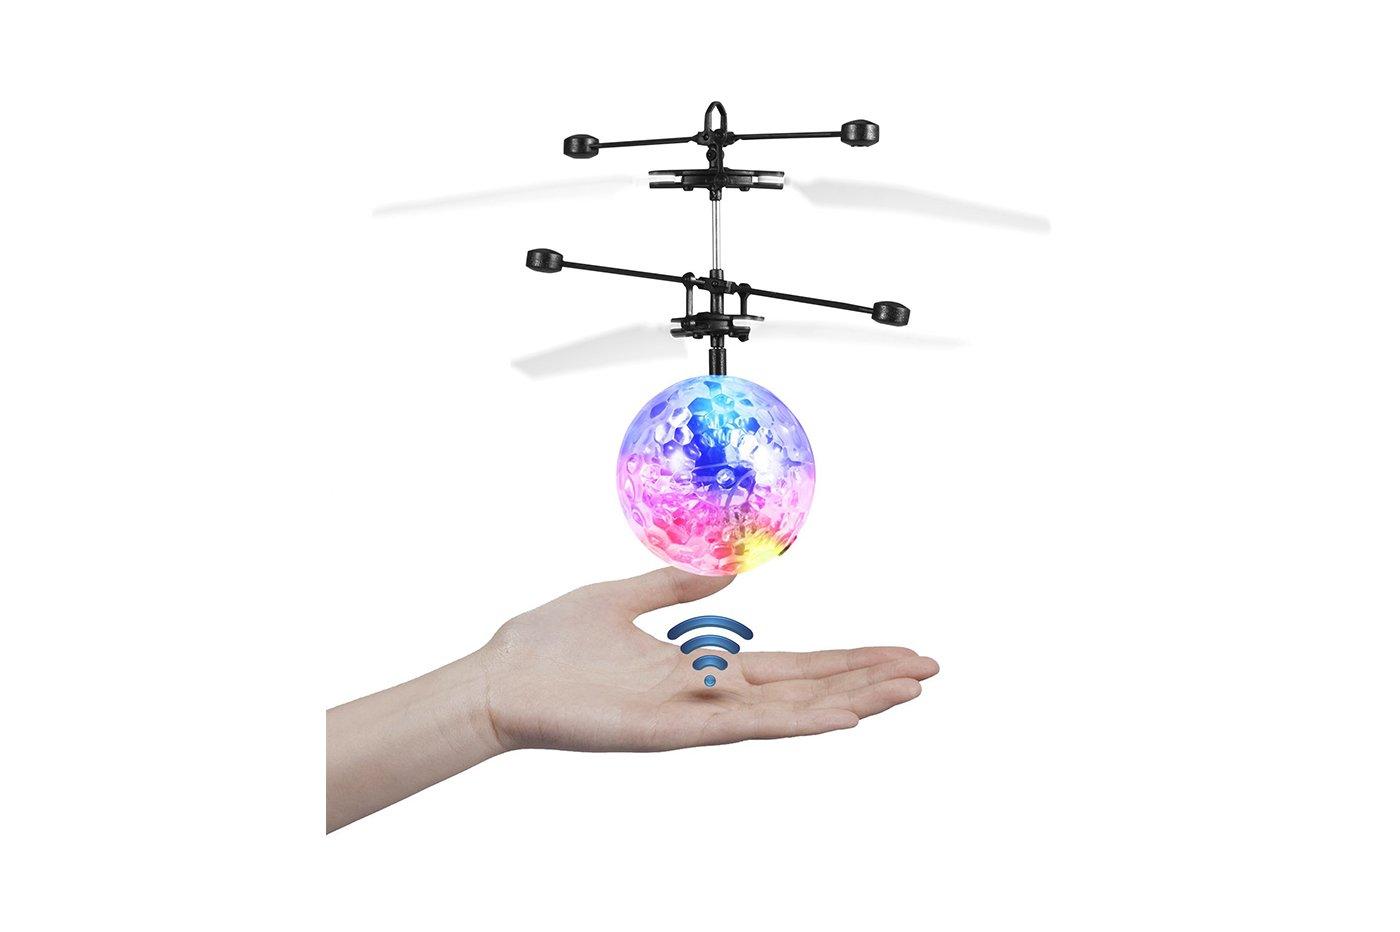 Mini elicottero a sfera volante palla luminosa gioco bambini mini flyer Senza marca/Generico